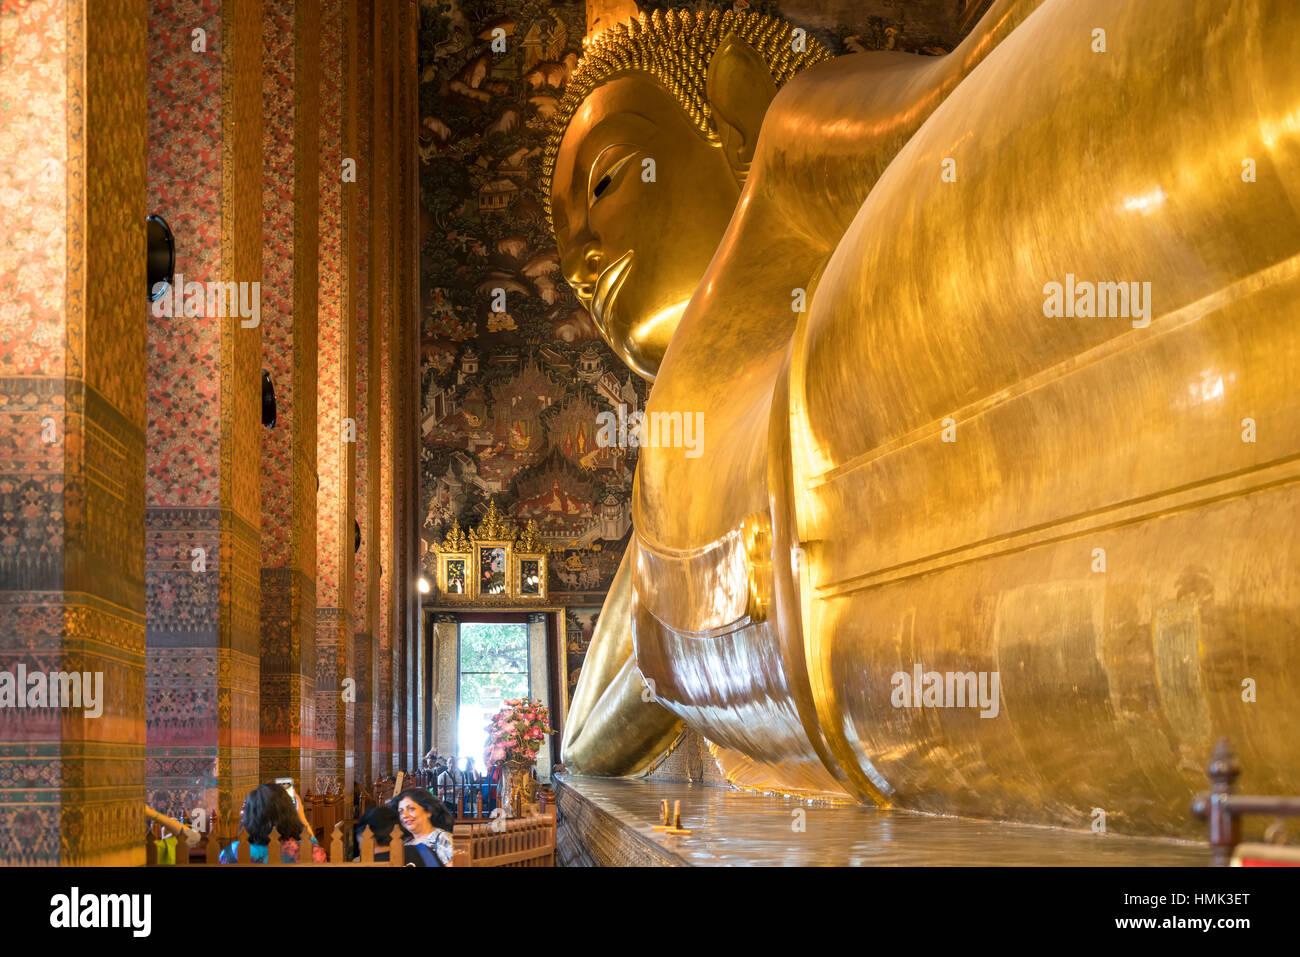 Giant reclining golden buddha, Wat Pho, Bangkok, Thailand - Stock Image